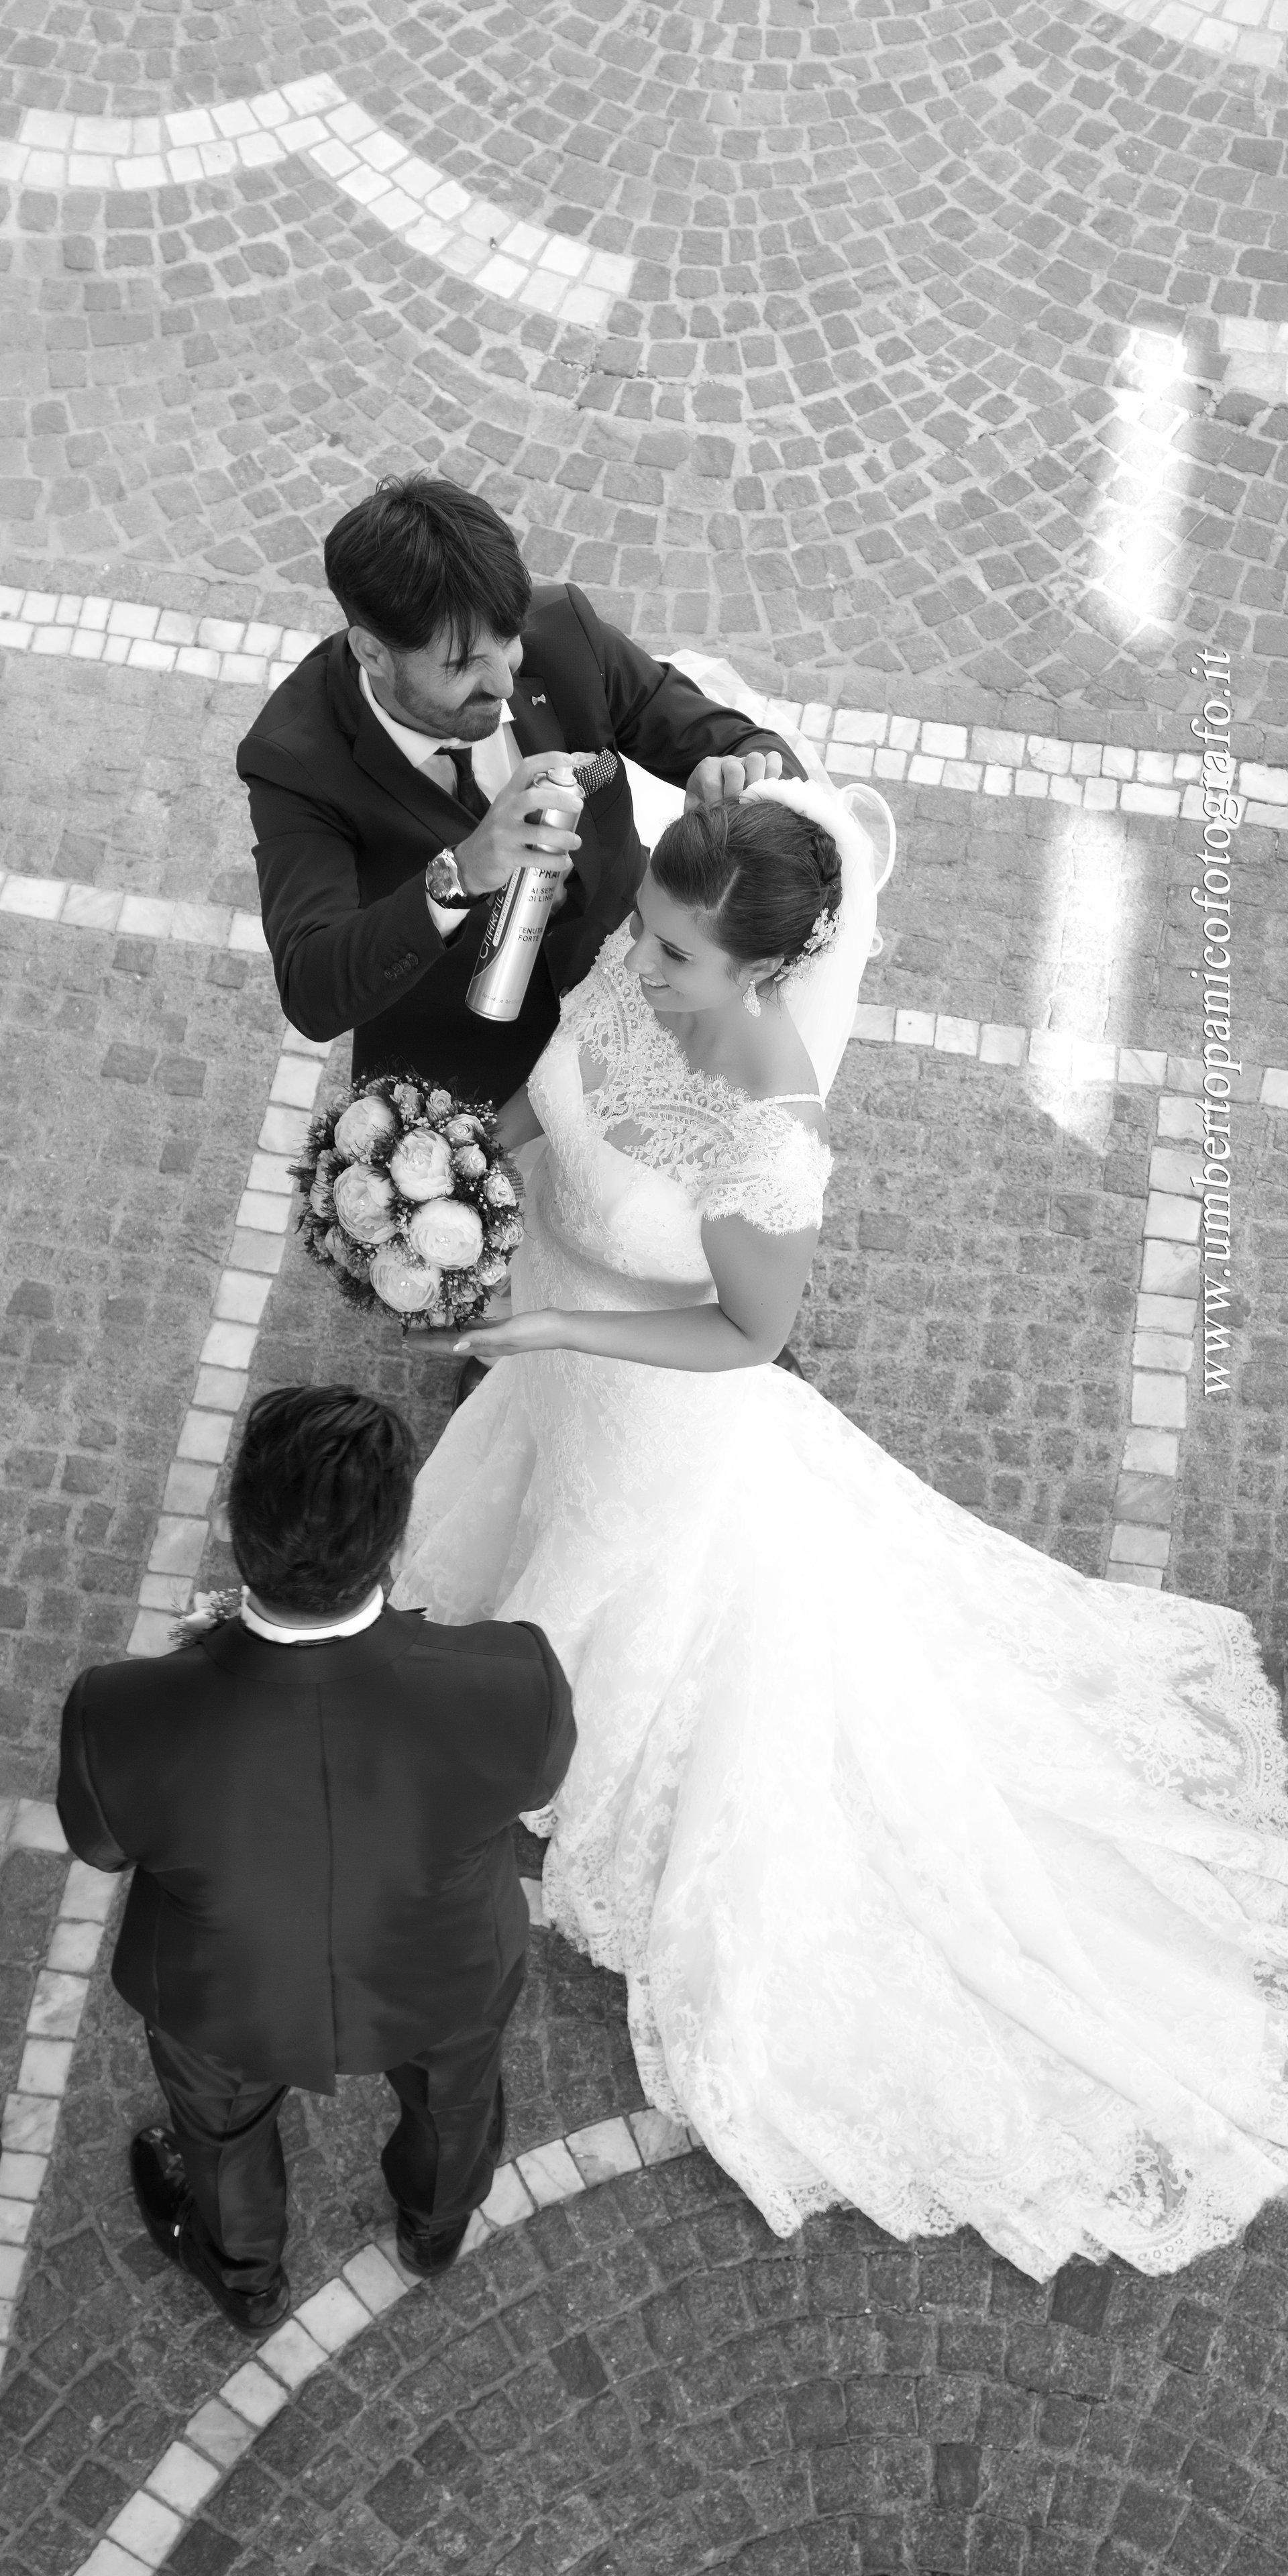 sposa e sposo foto in bianco e nero dall' alto